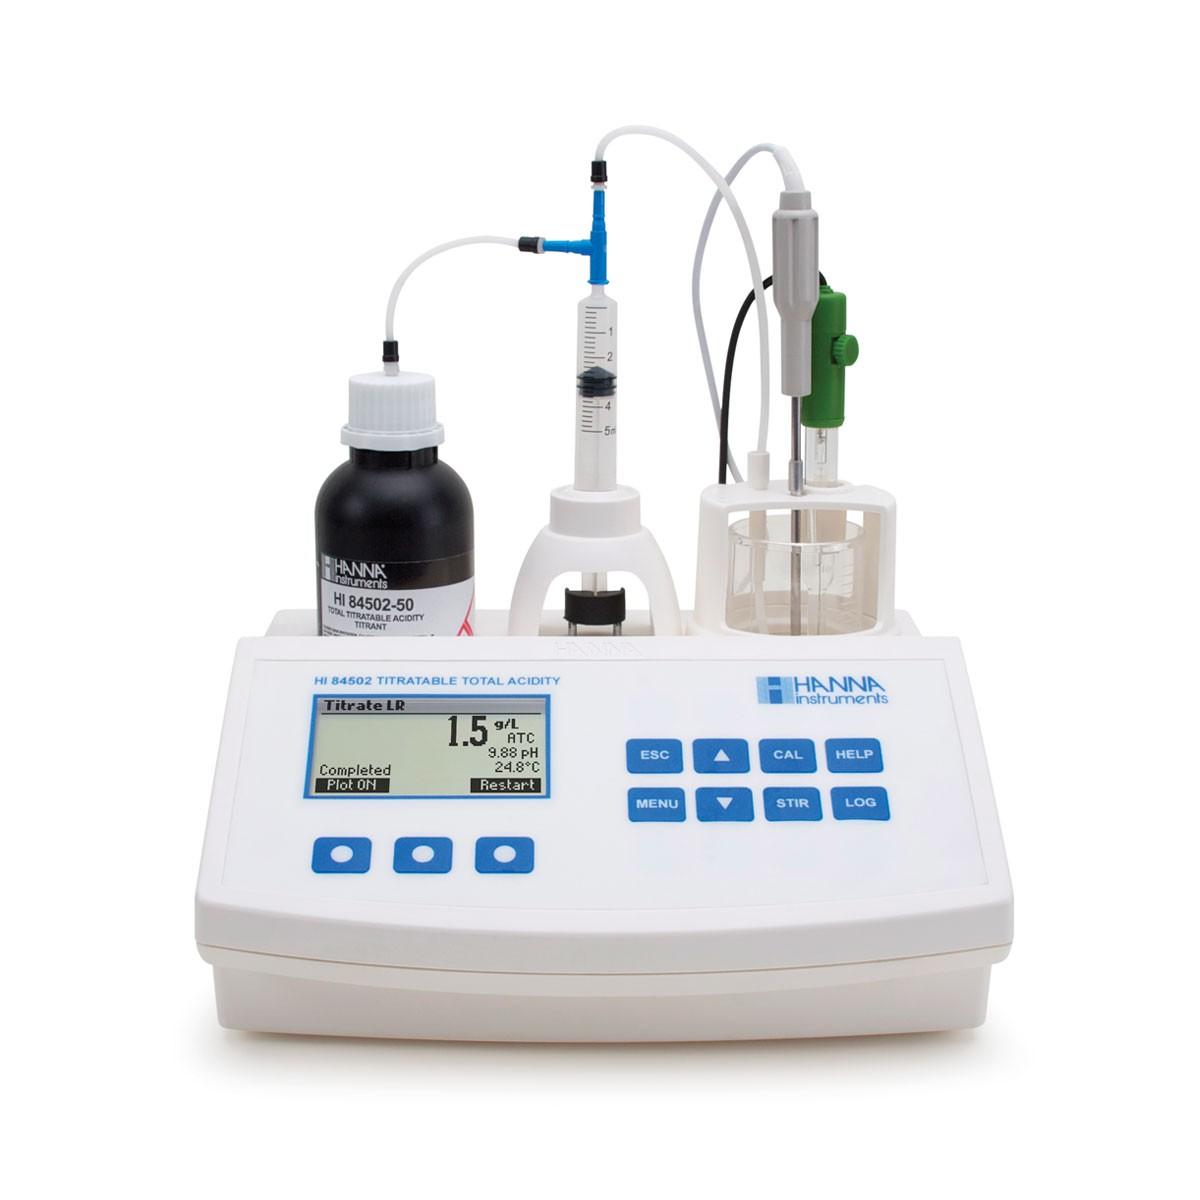 Thiết bị mini phân tích tổng nồng độ acid trong rượu HI84502